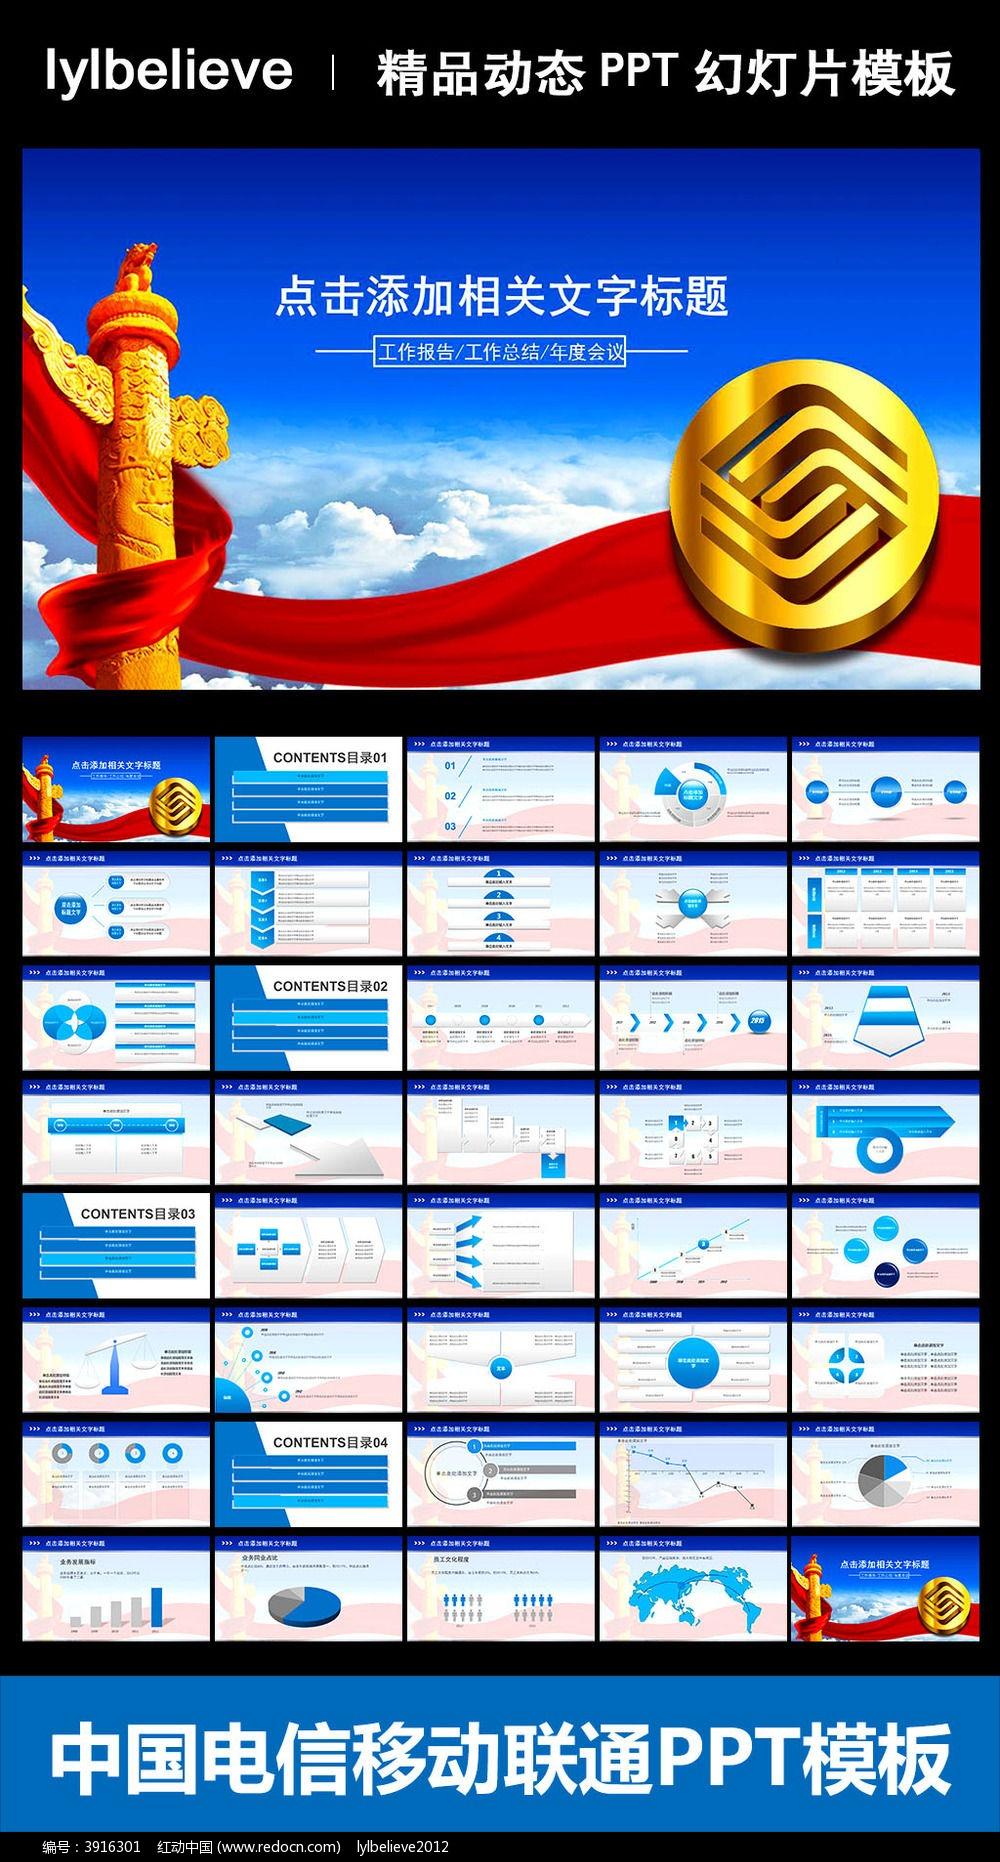 中国移动PPT模板图片下载